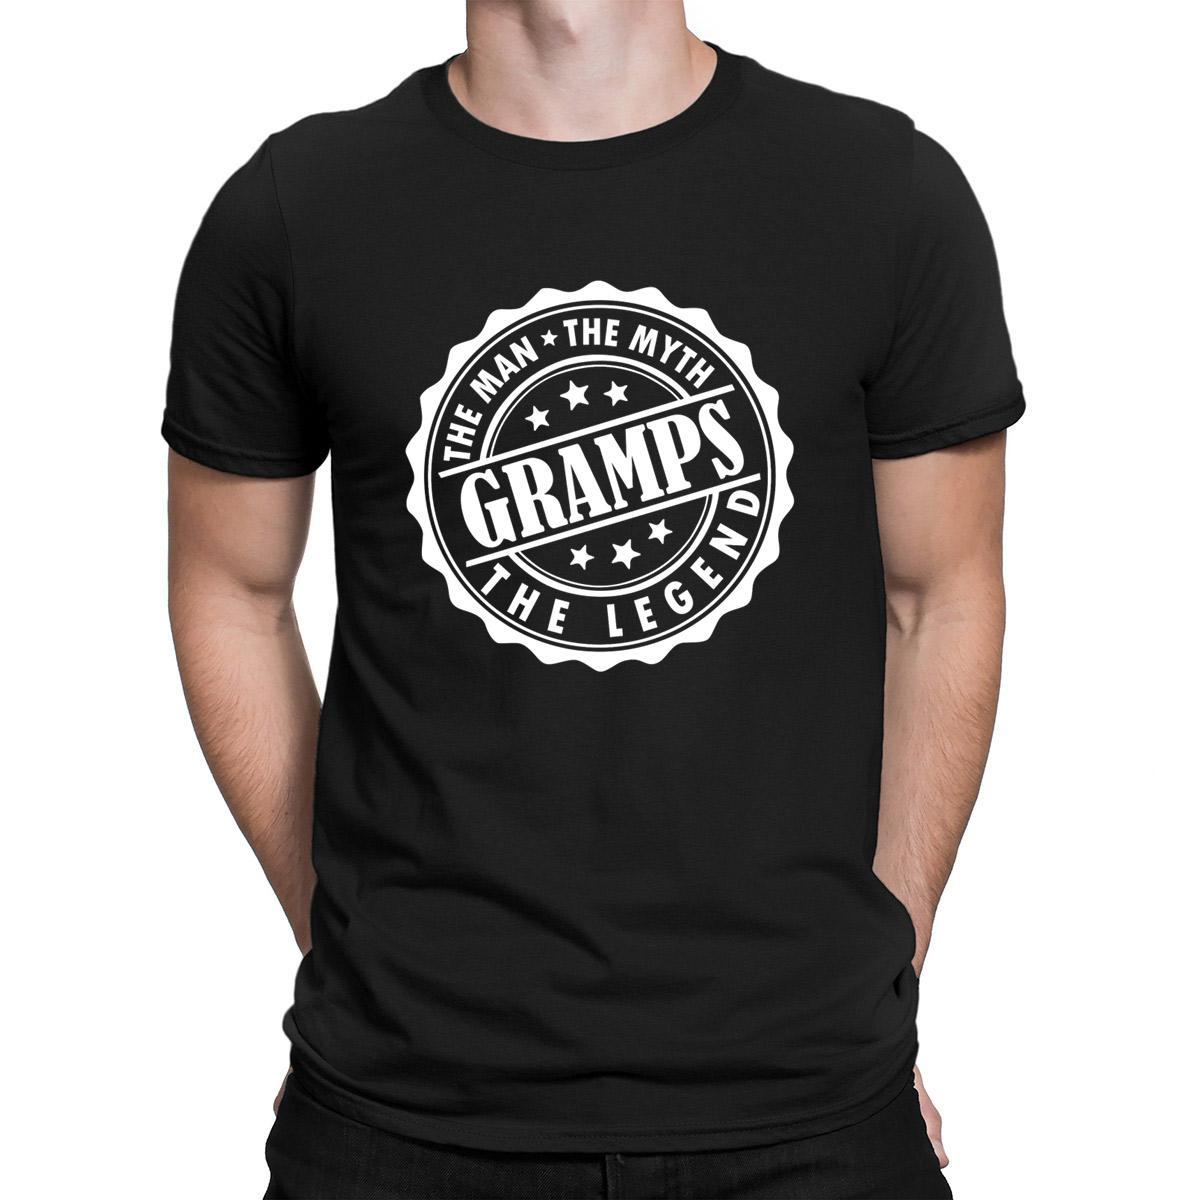 Gramps Der Mann der Mythos die Legende T-Shirt Billig Verkauf Short Sleeve Personality Männer-T-Shirt Grund Letters 2018-T-Shirt Quirky